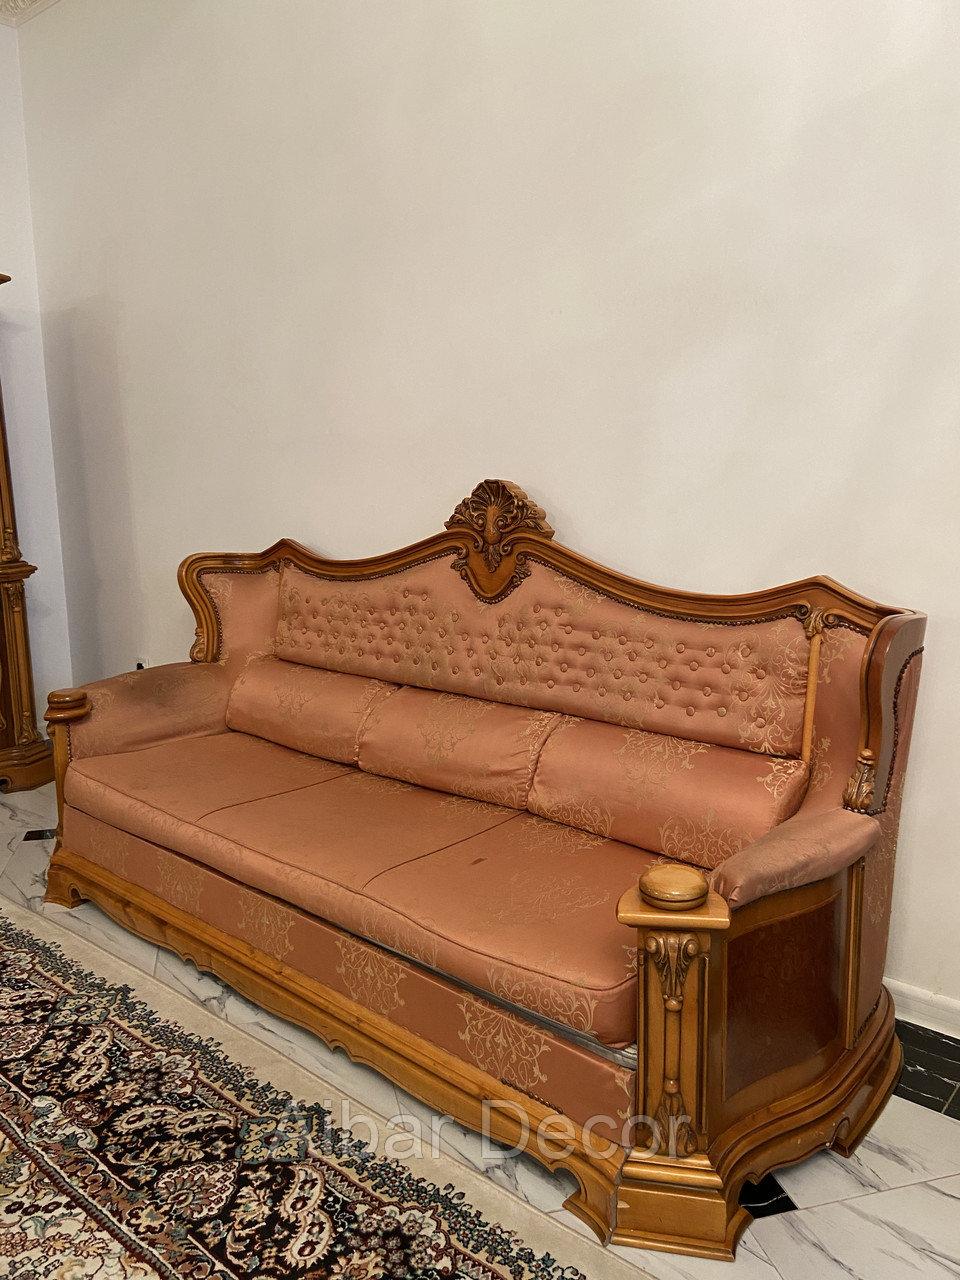 Элитная антикварная румынская мебель - фото 8